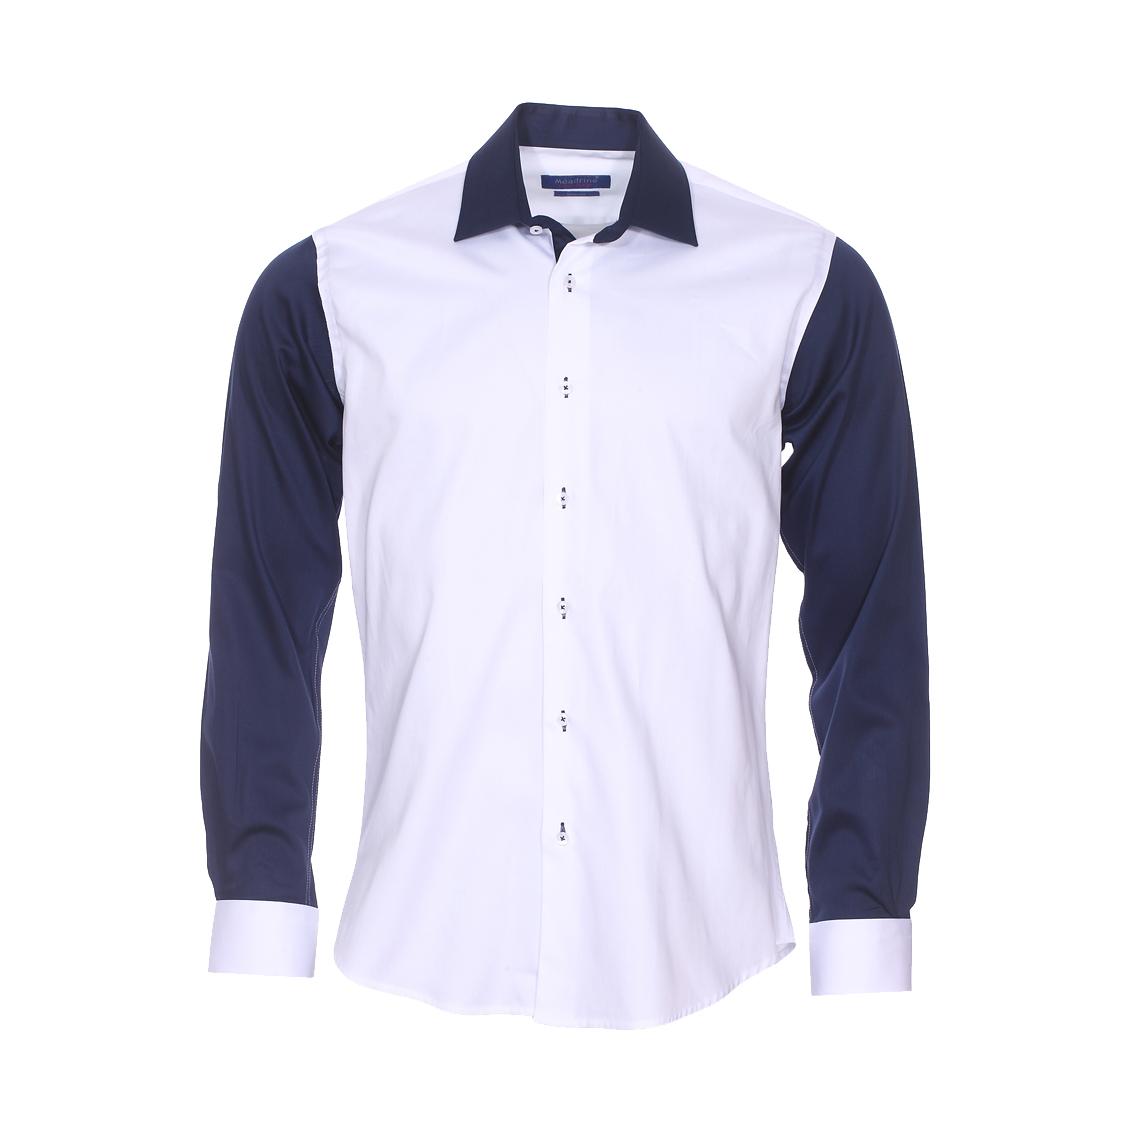 Chemise cintrée Méadrine en coton blanc, manches et col bleu marine